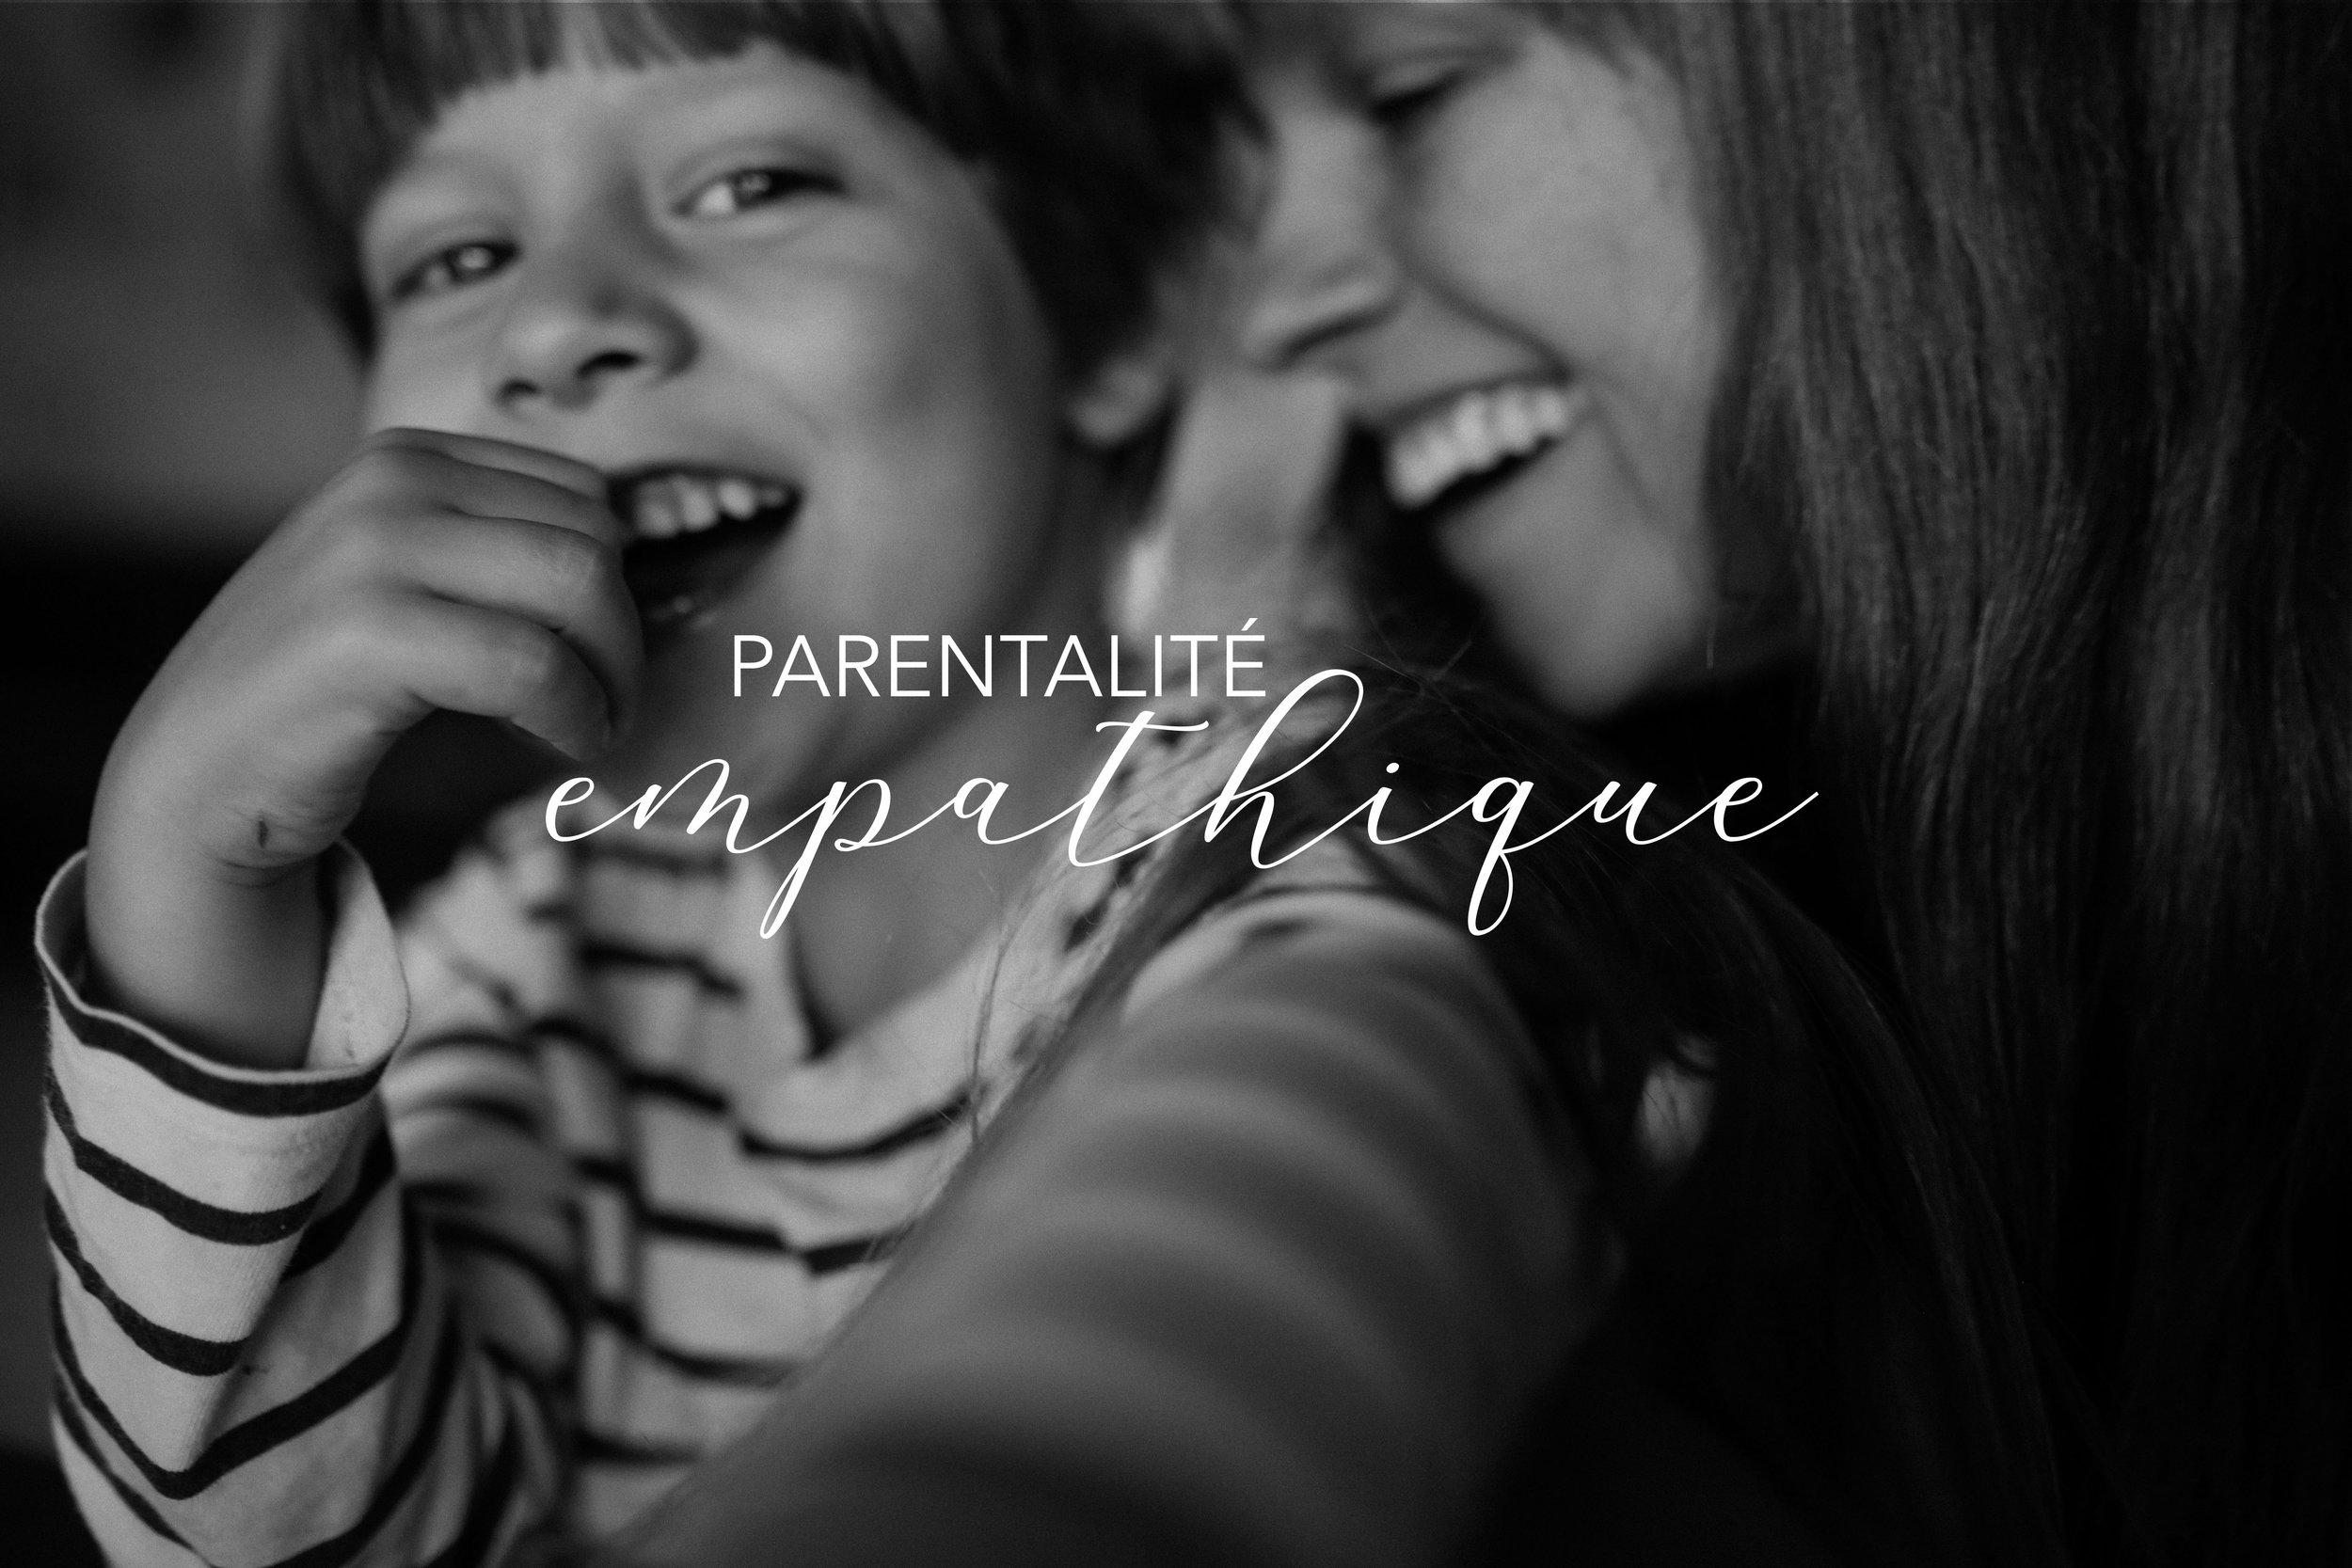 PARENTALITÉ EMPATHIQUE - Un programme pour augmenter notre connexion quotidienne avec notre enfant, sa collaboration naturelle, poser les limites nécessaires et faire de la place pour le parent qu'on désire être, réellement.